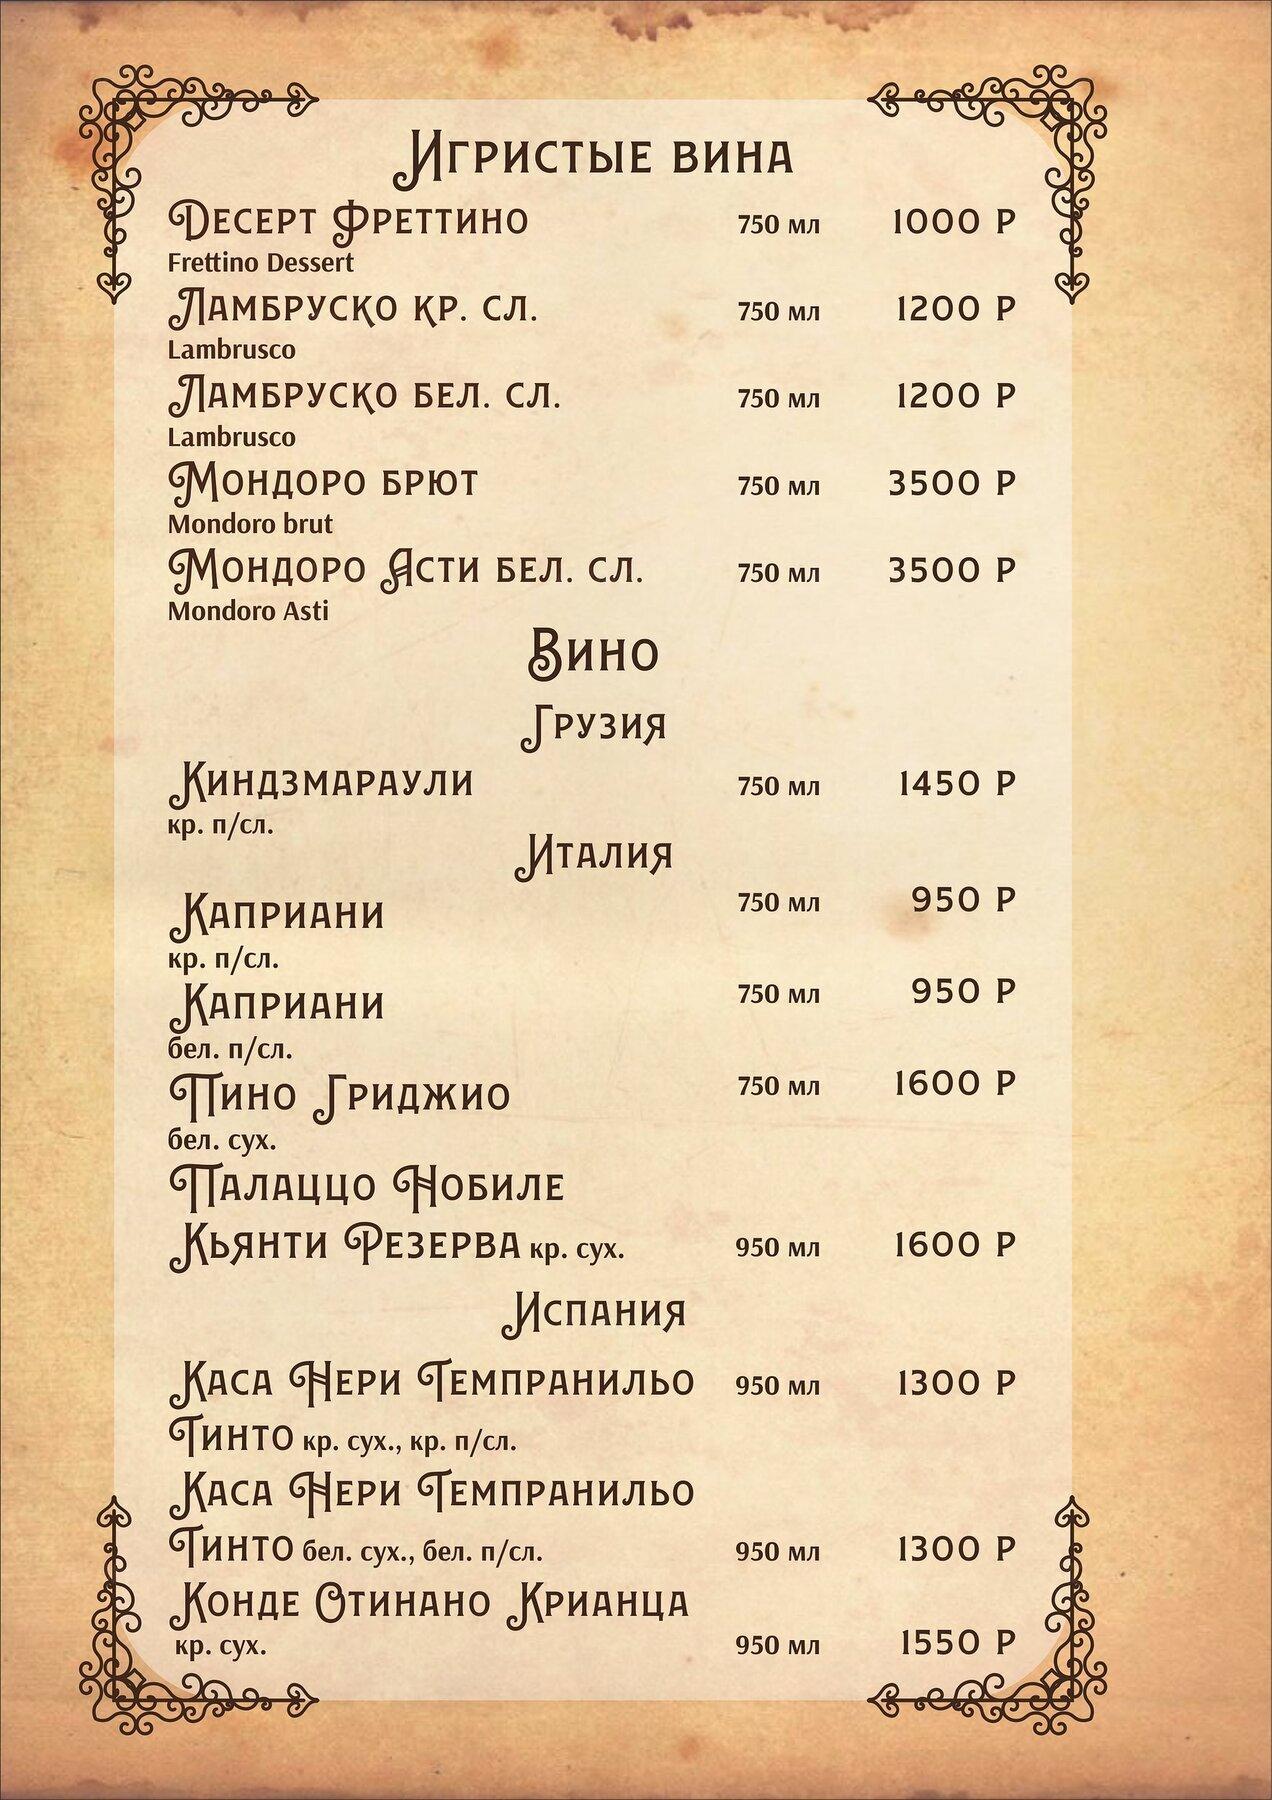 Меню кафе Грильяж на Октябрьской улице фото 20